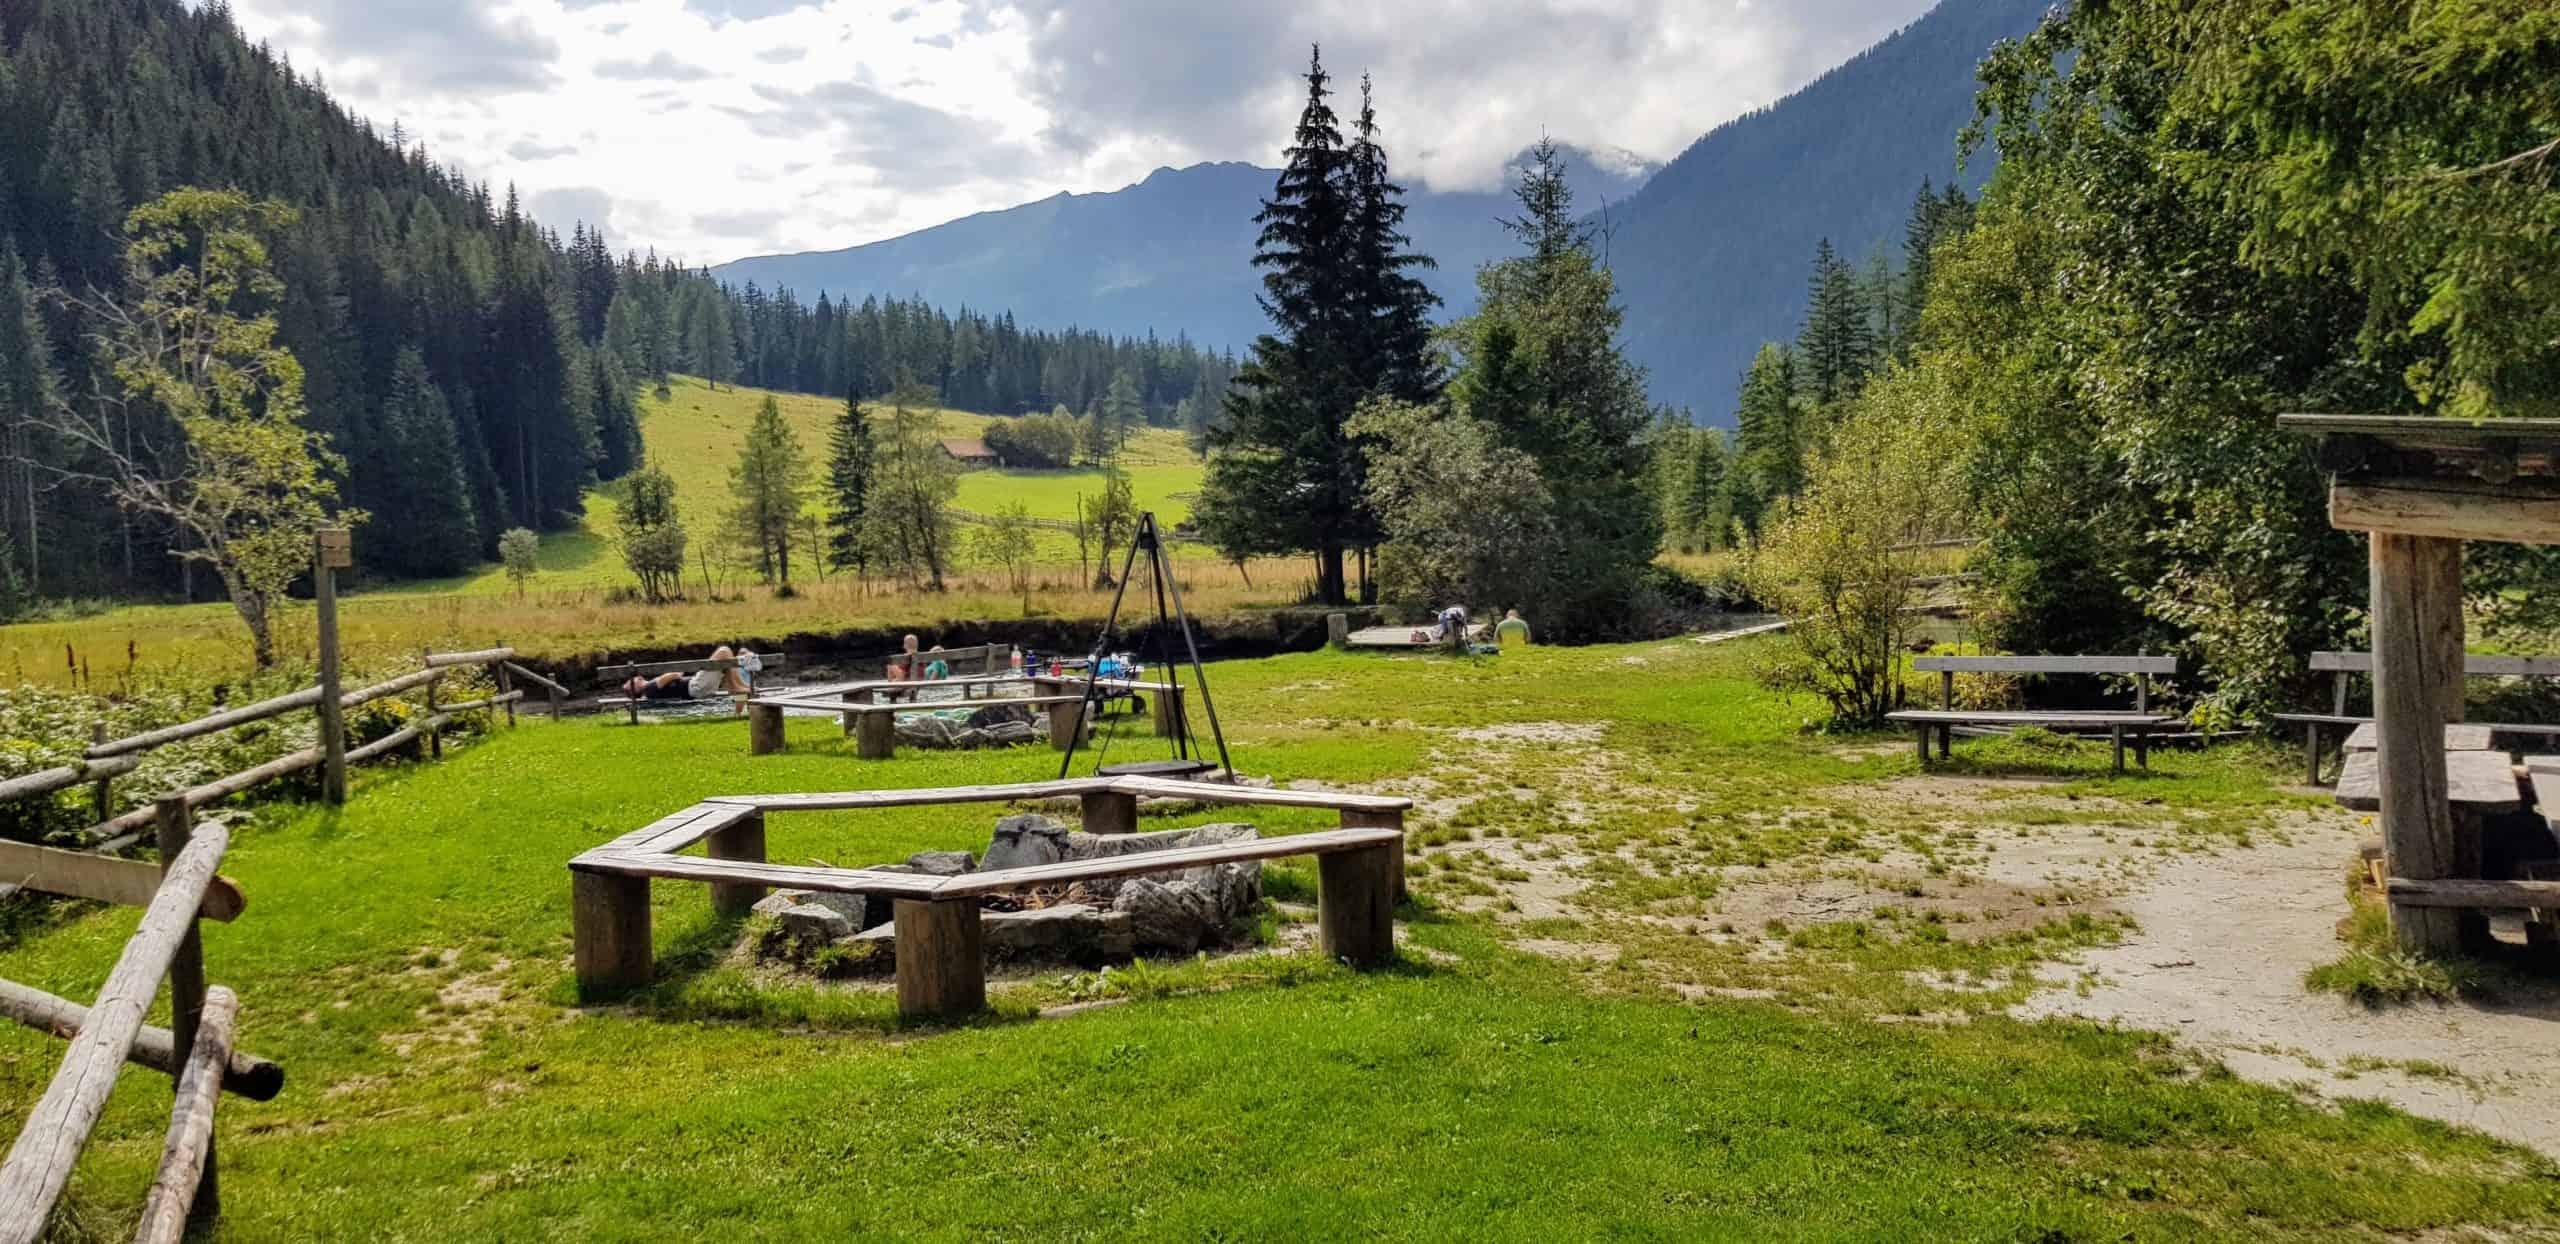 Erlebnisspielplatz mit Seebach, Feuerstellen und Spielgeräten in Mallnitz - Freizeitzentrum & Naturspielplatz für Kinder bei Ankogel Talstation in Kärnten.